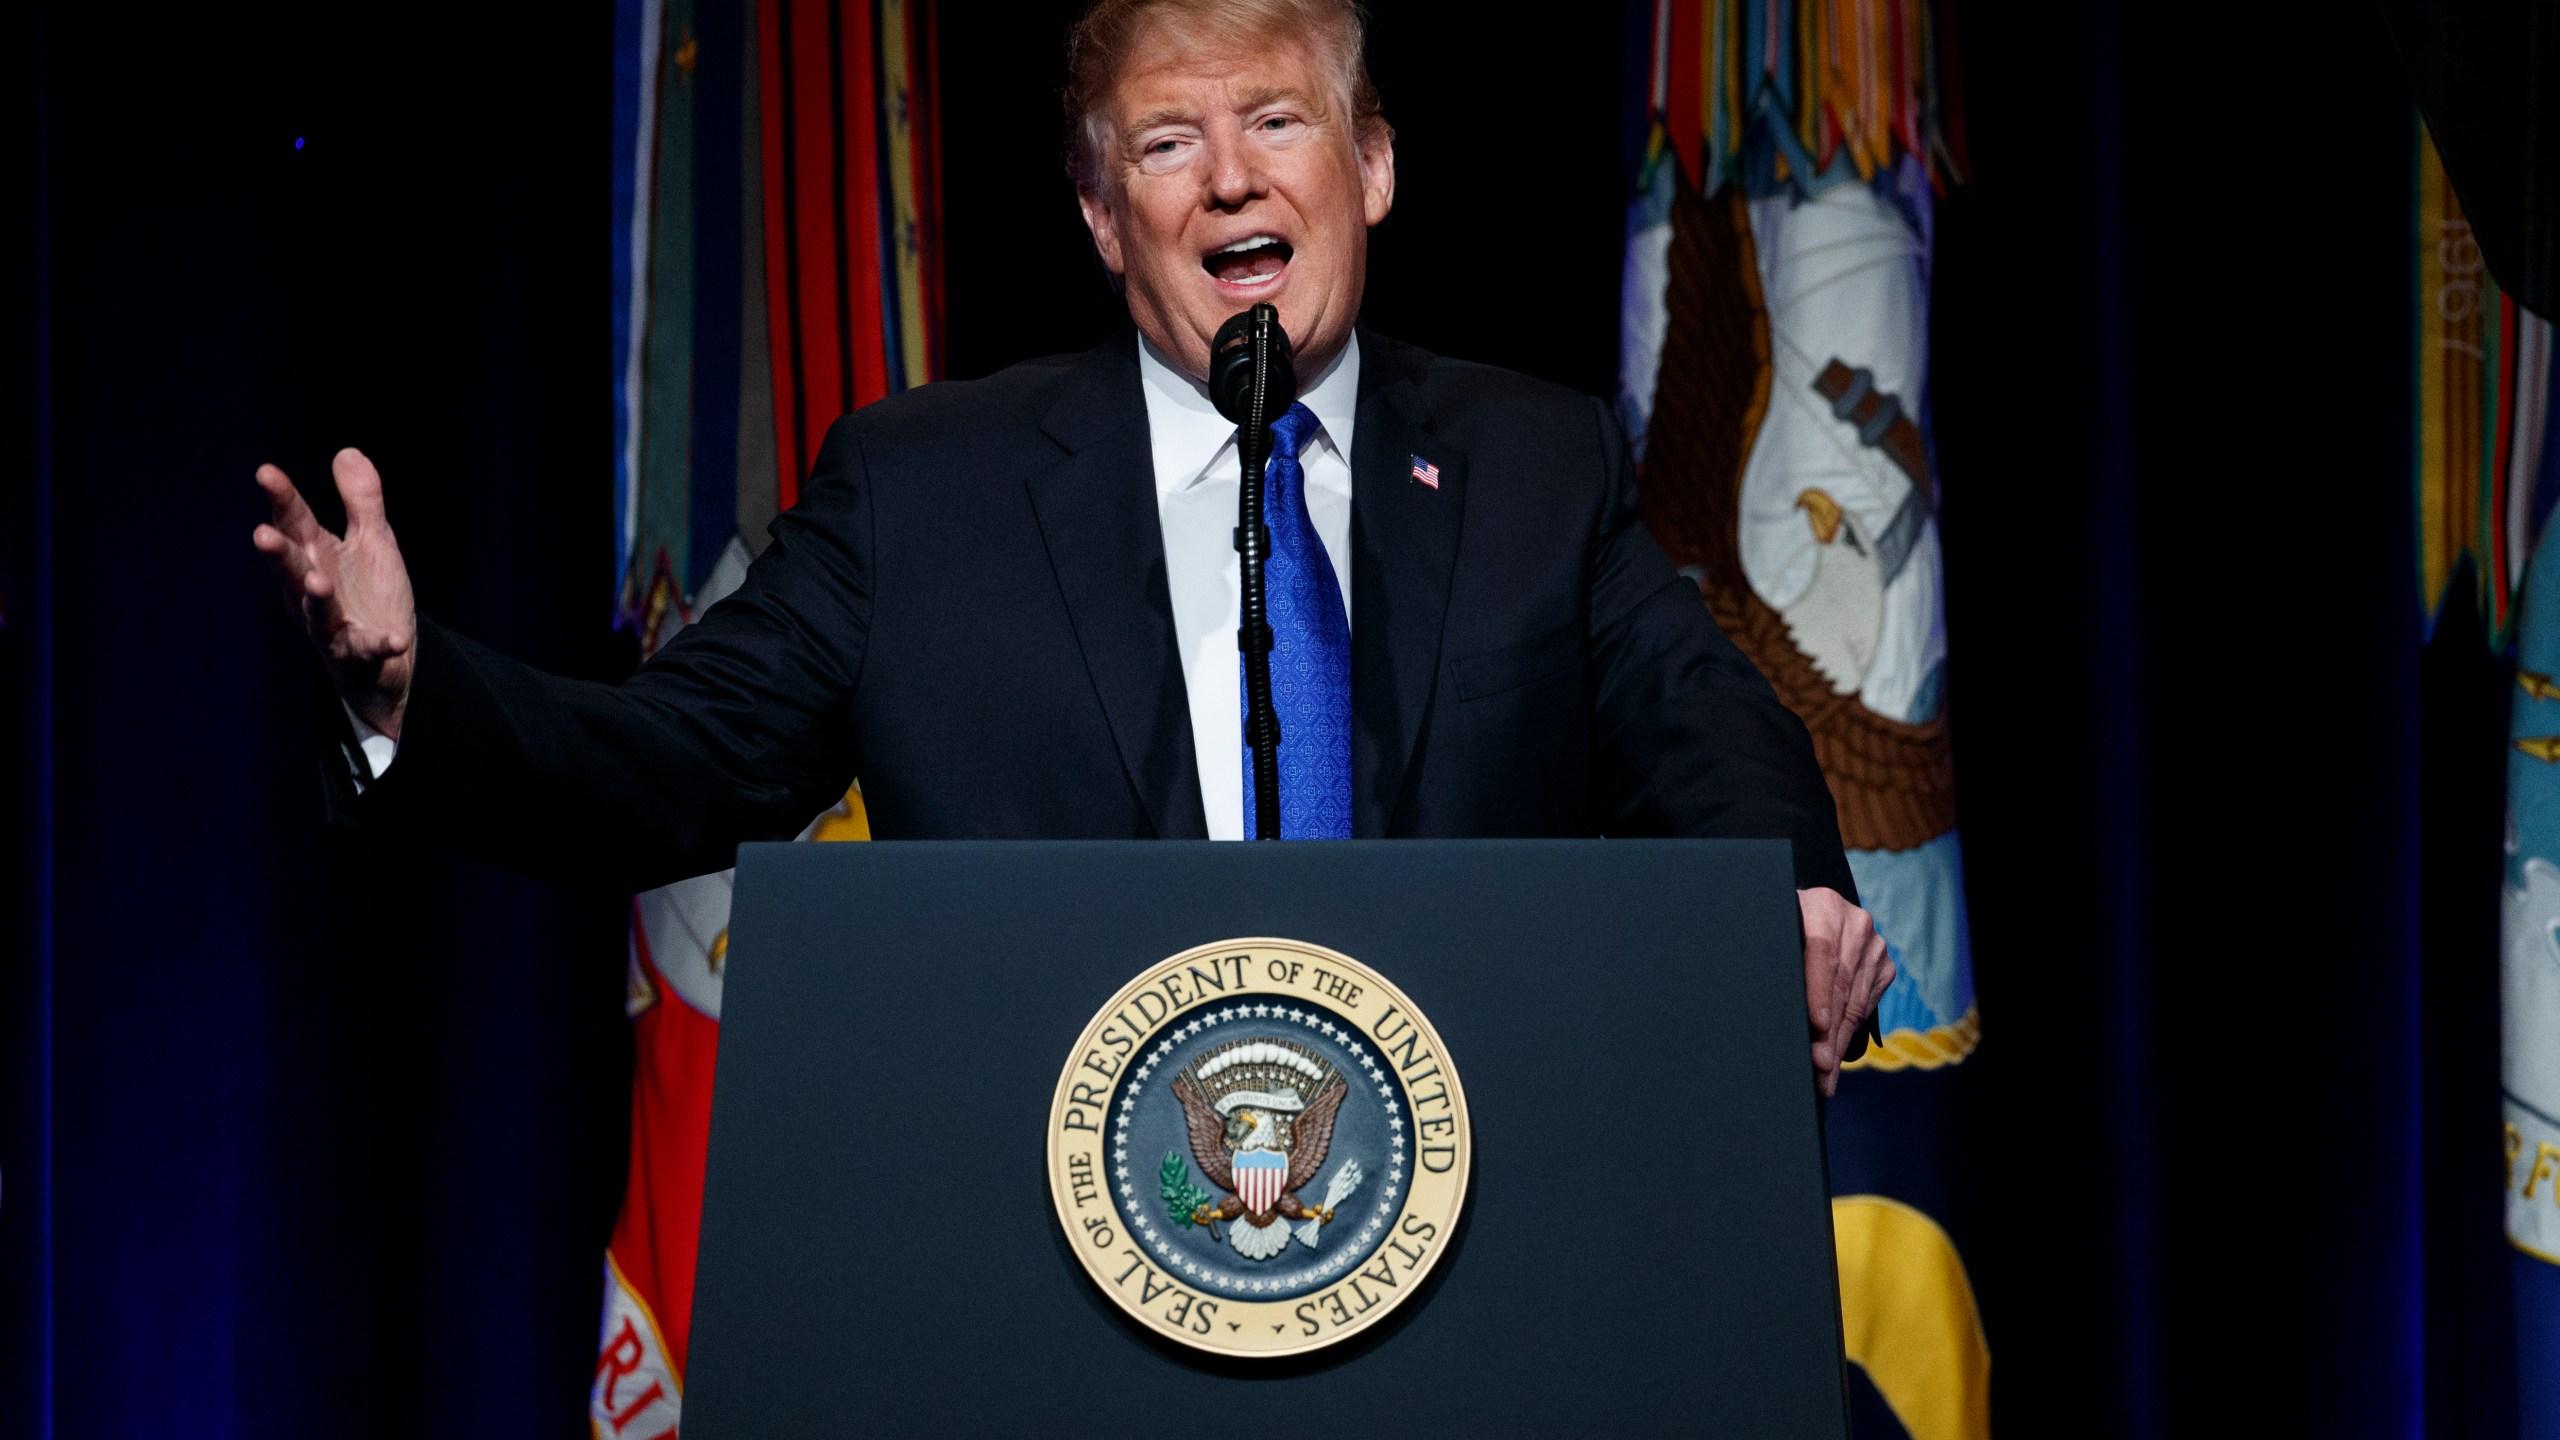 Trump_26336-159532.jpg78175105